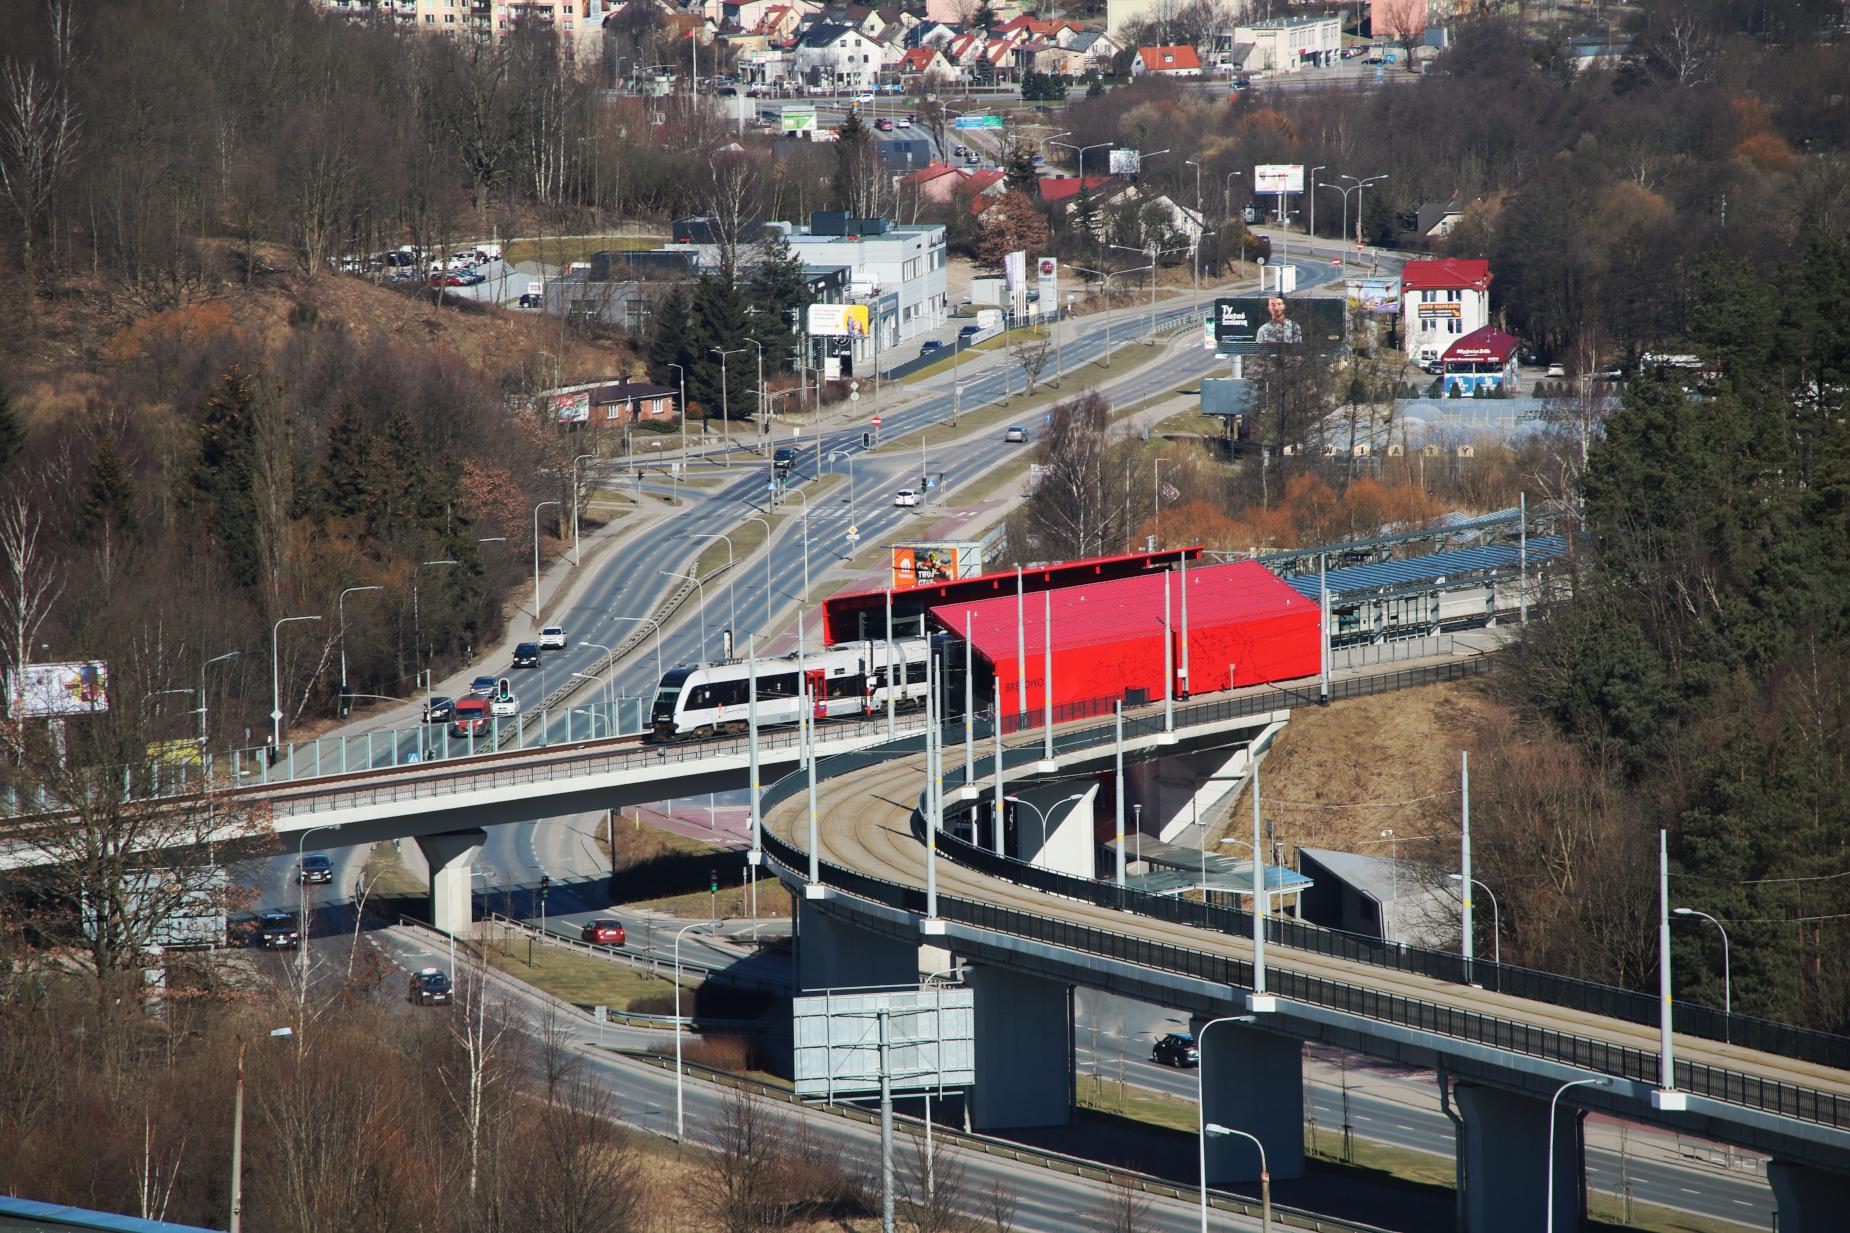 Pociągiem i komunikacją miejską. Już od dziś po Gdańsku możemy jeździć ze wspólnym biletem